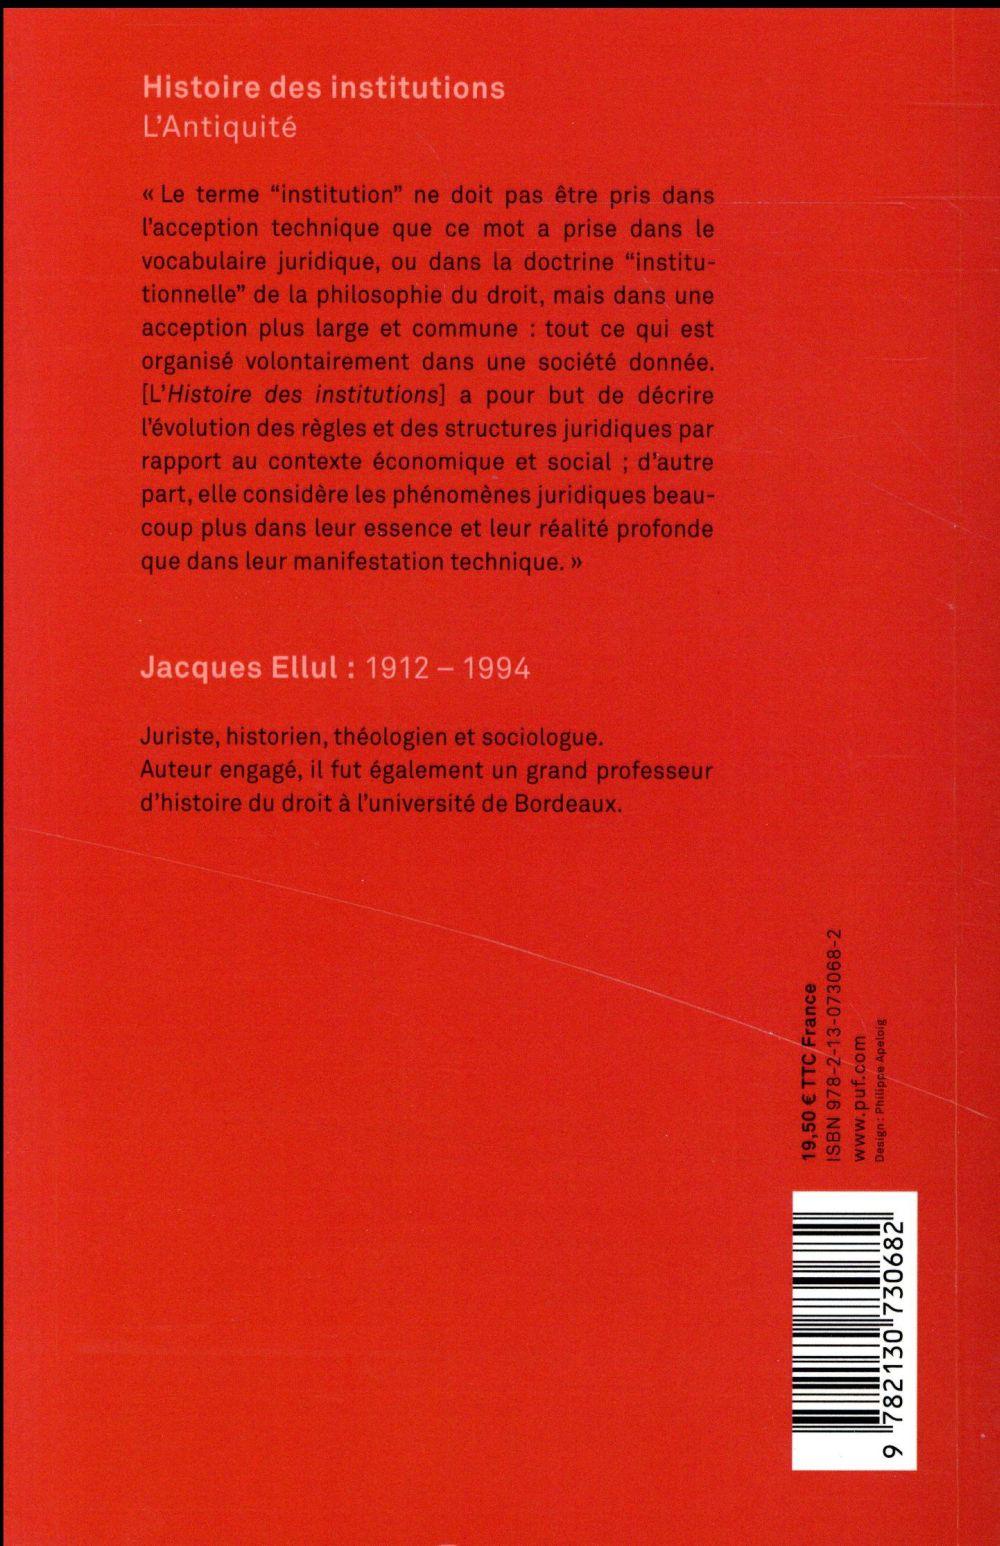 Histoire des institutions ; l'Antiquité (3e édition)